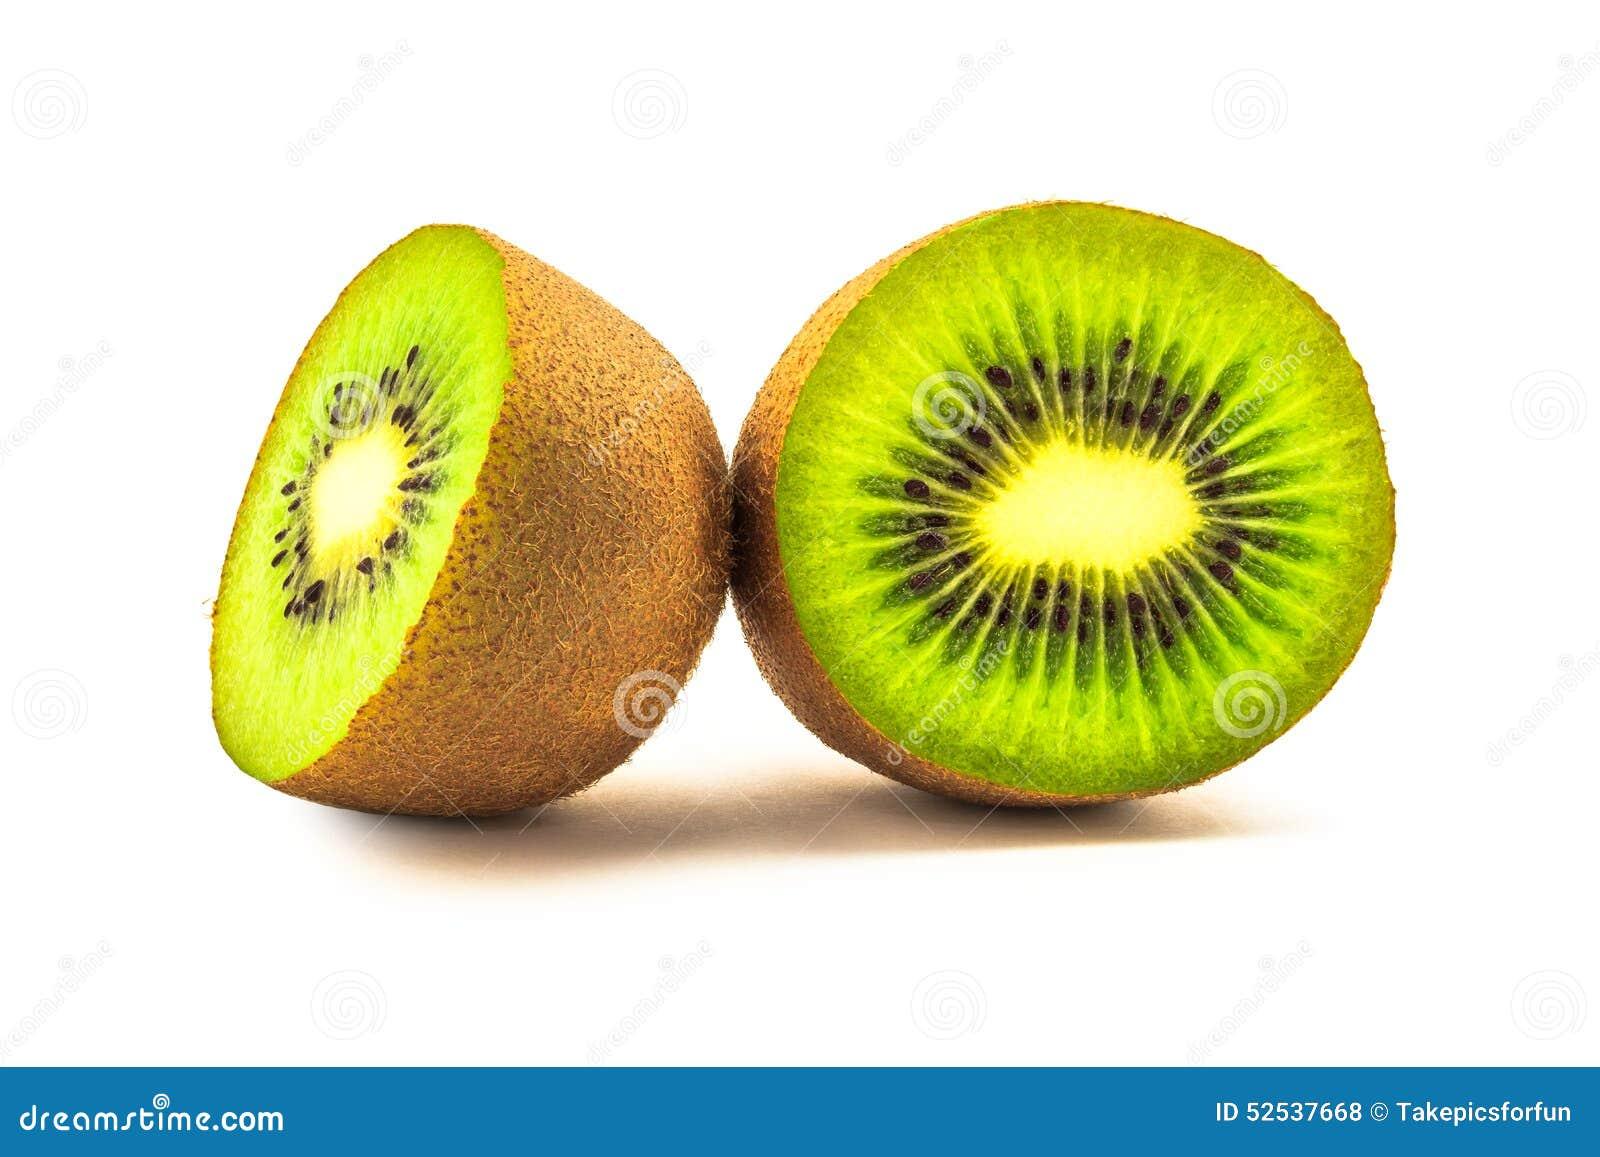 Kiwi fruit cut in half close up - Cross Section Of Kiwi Fruit Stock Photo Image 52537668